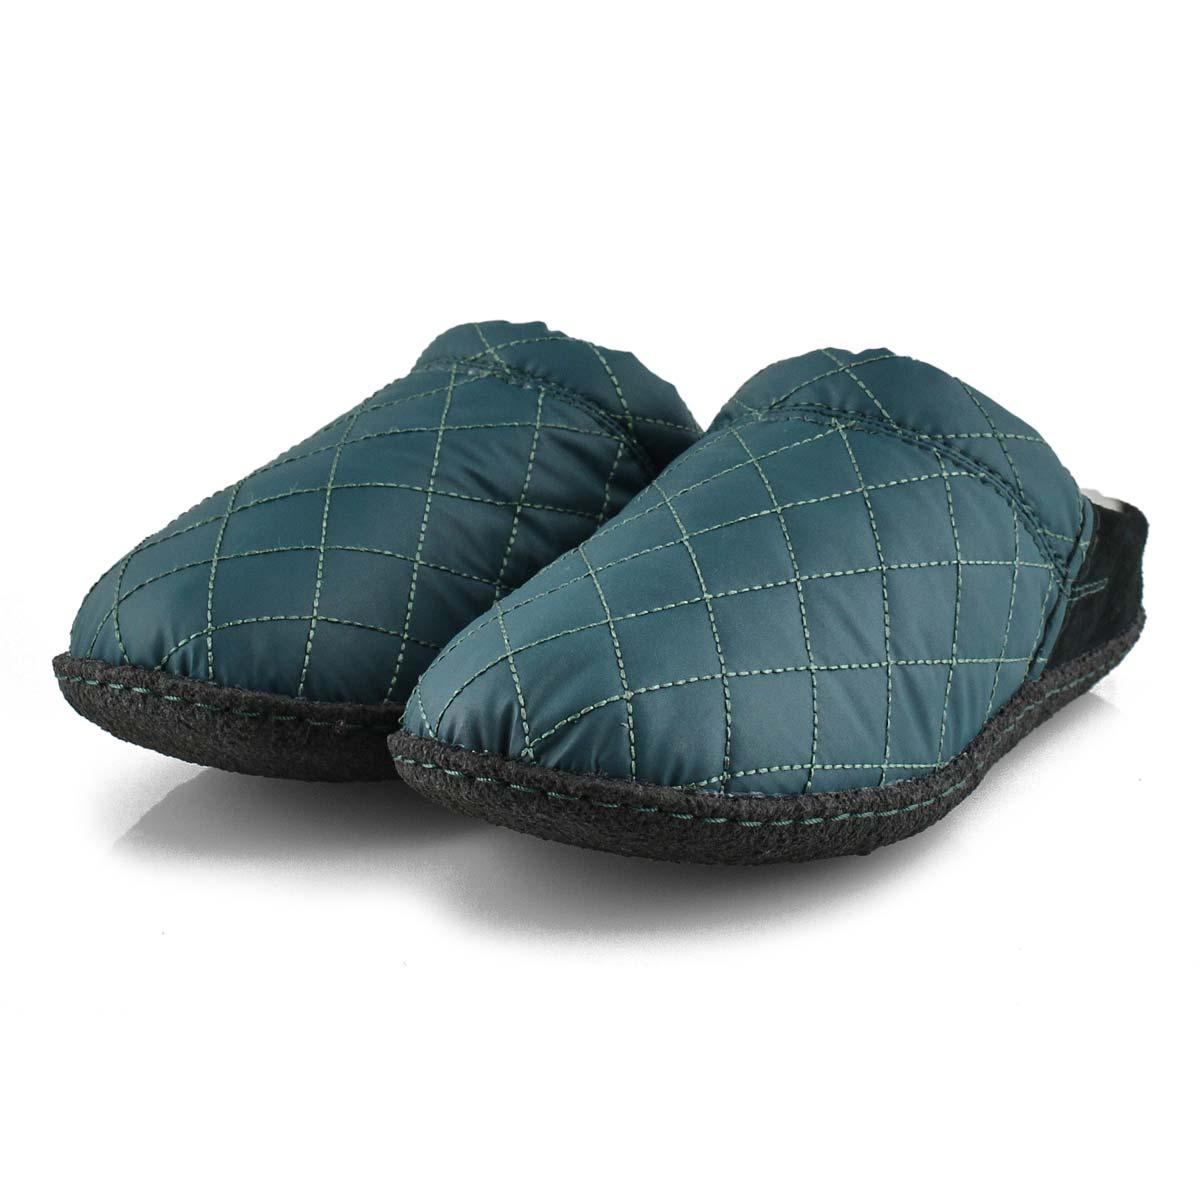 Pantoufles NAKISKASCUFF, bleu profond, femmes